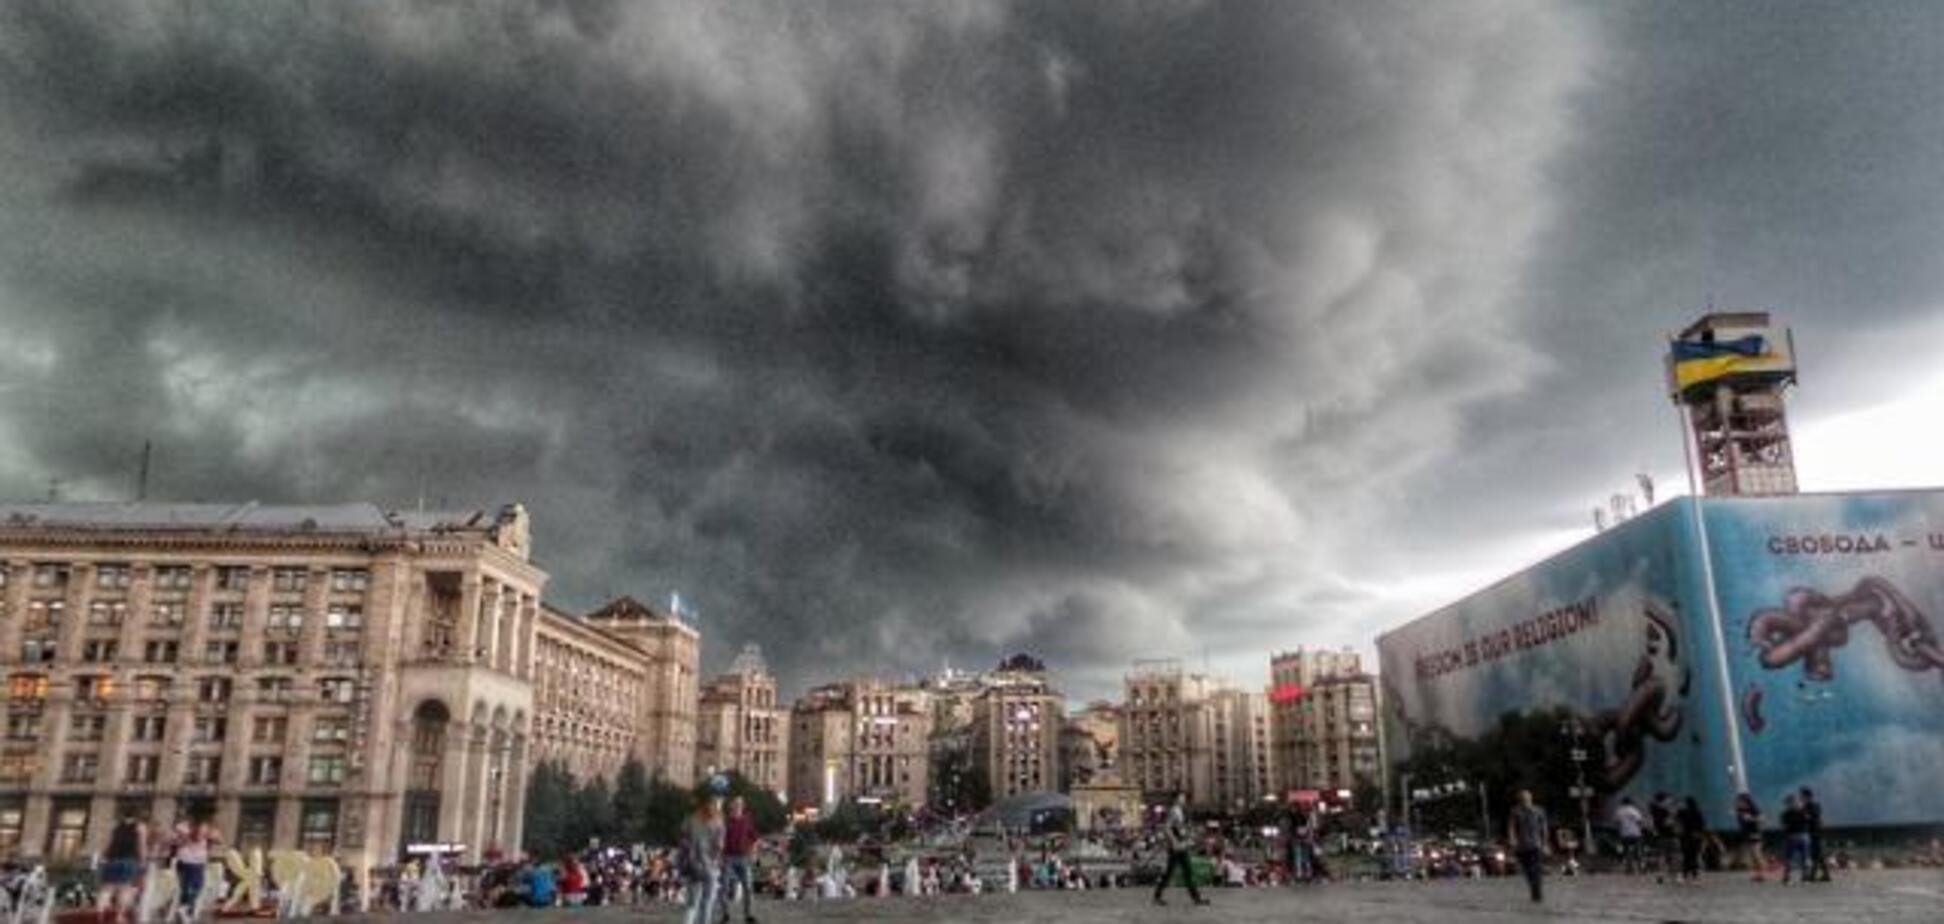 'Это армагеддон': в сети отреагировали на ночную бурю в Киеве